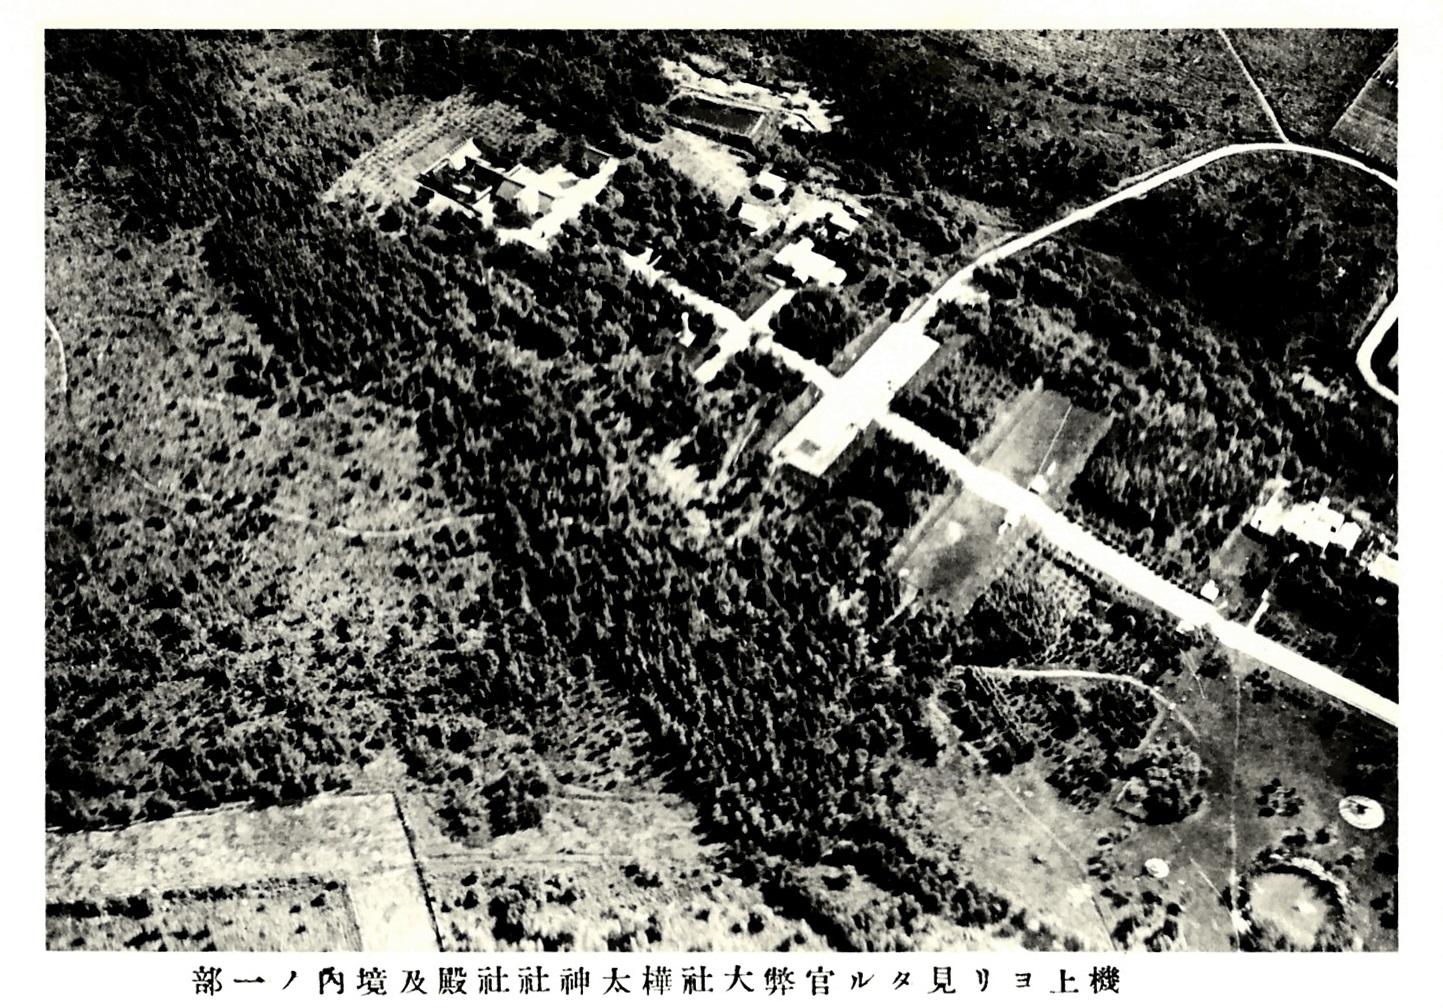 Вид с высоты птичьего полета на храмовый комплекс Карафуто дзинзя в г. Тойохара